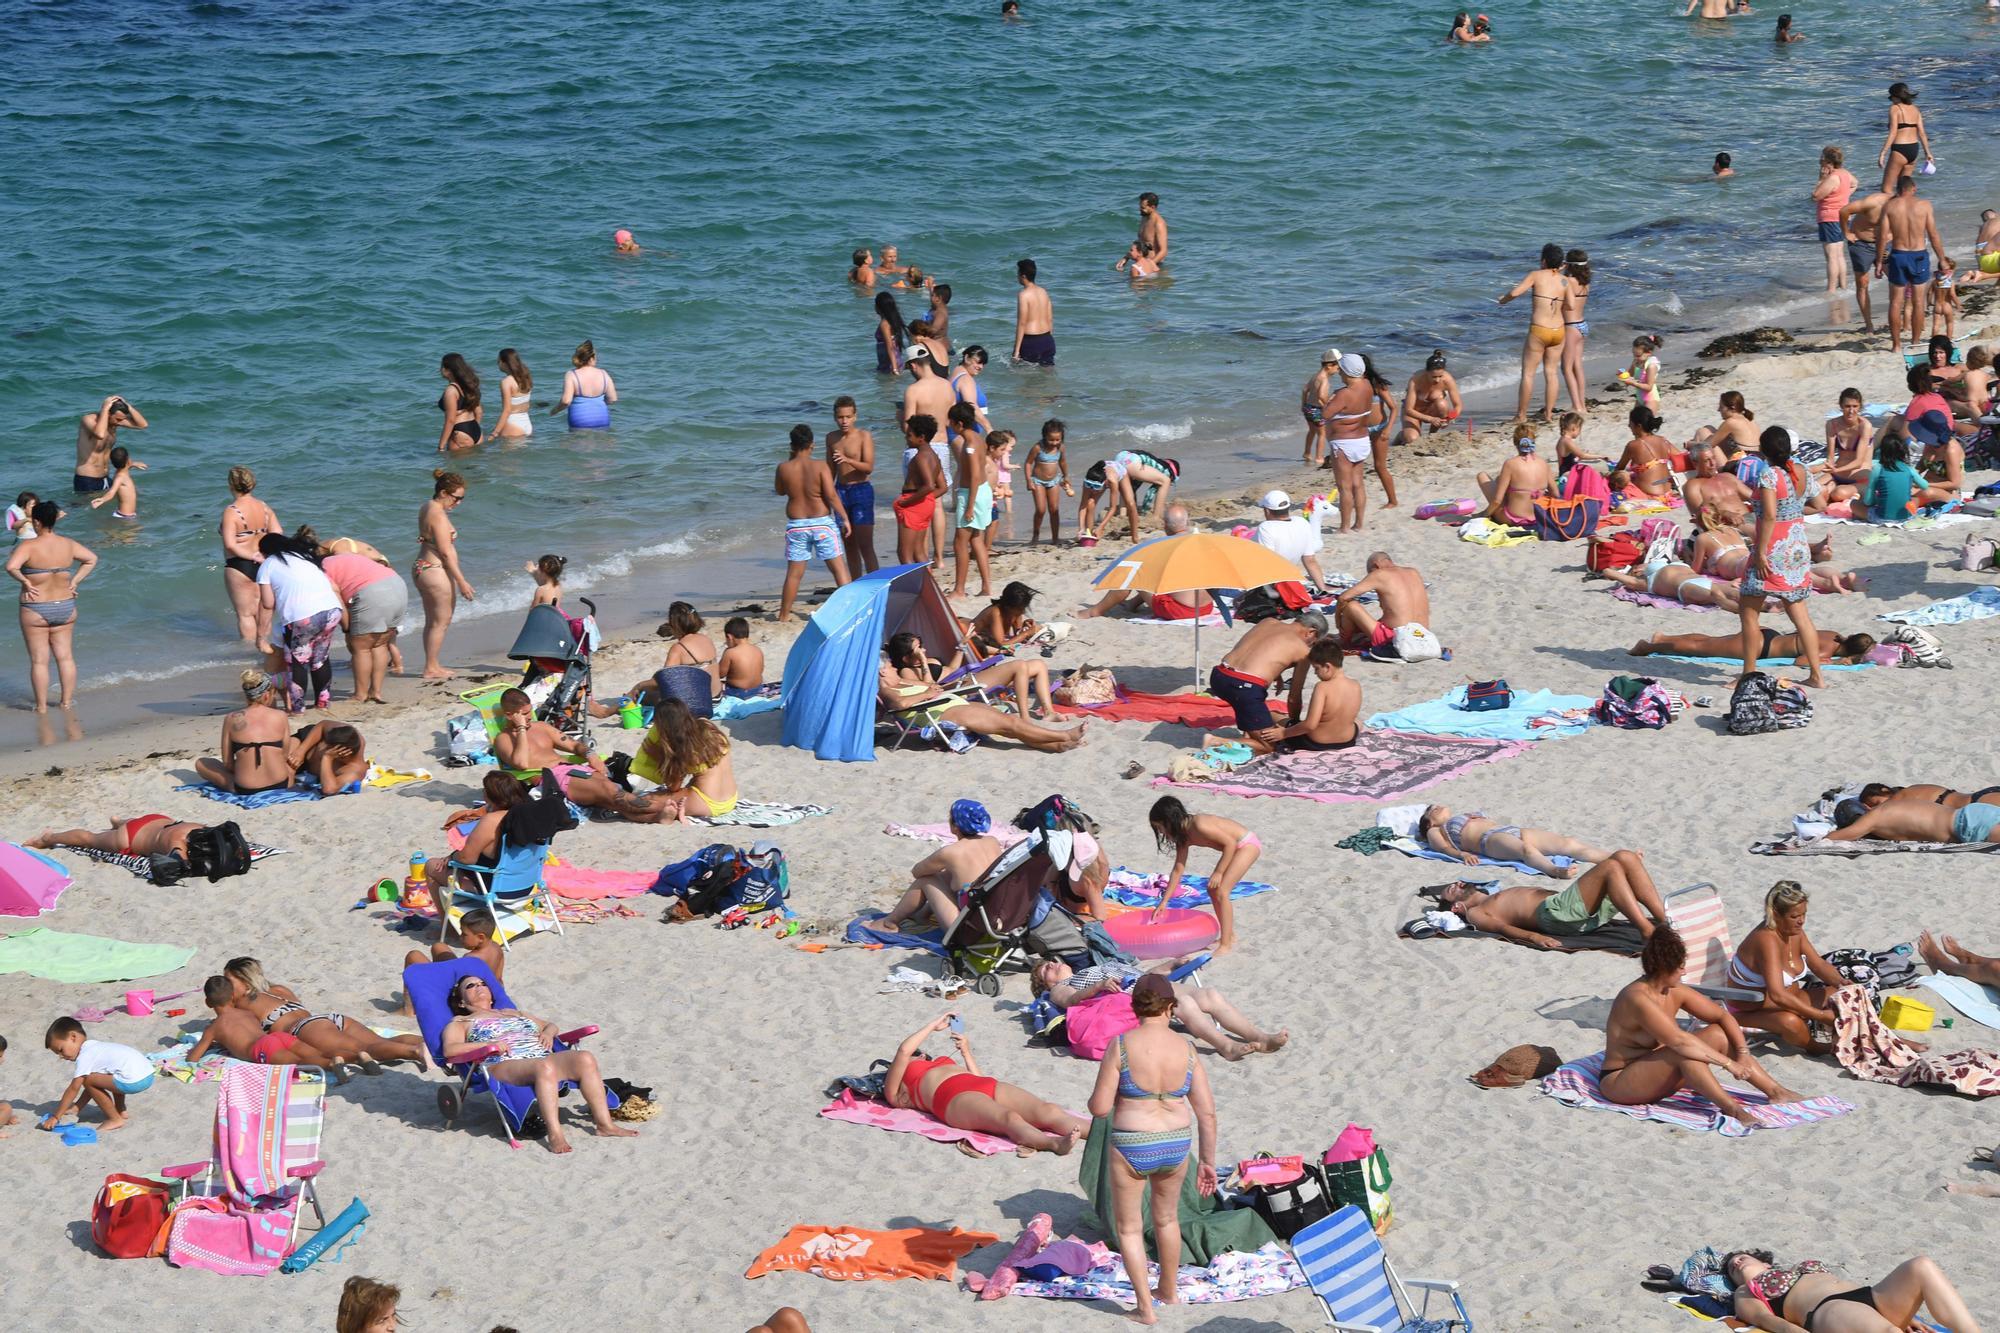 Las playas de A Coruña, abarrotadas con las mareas vivas